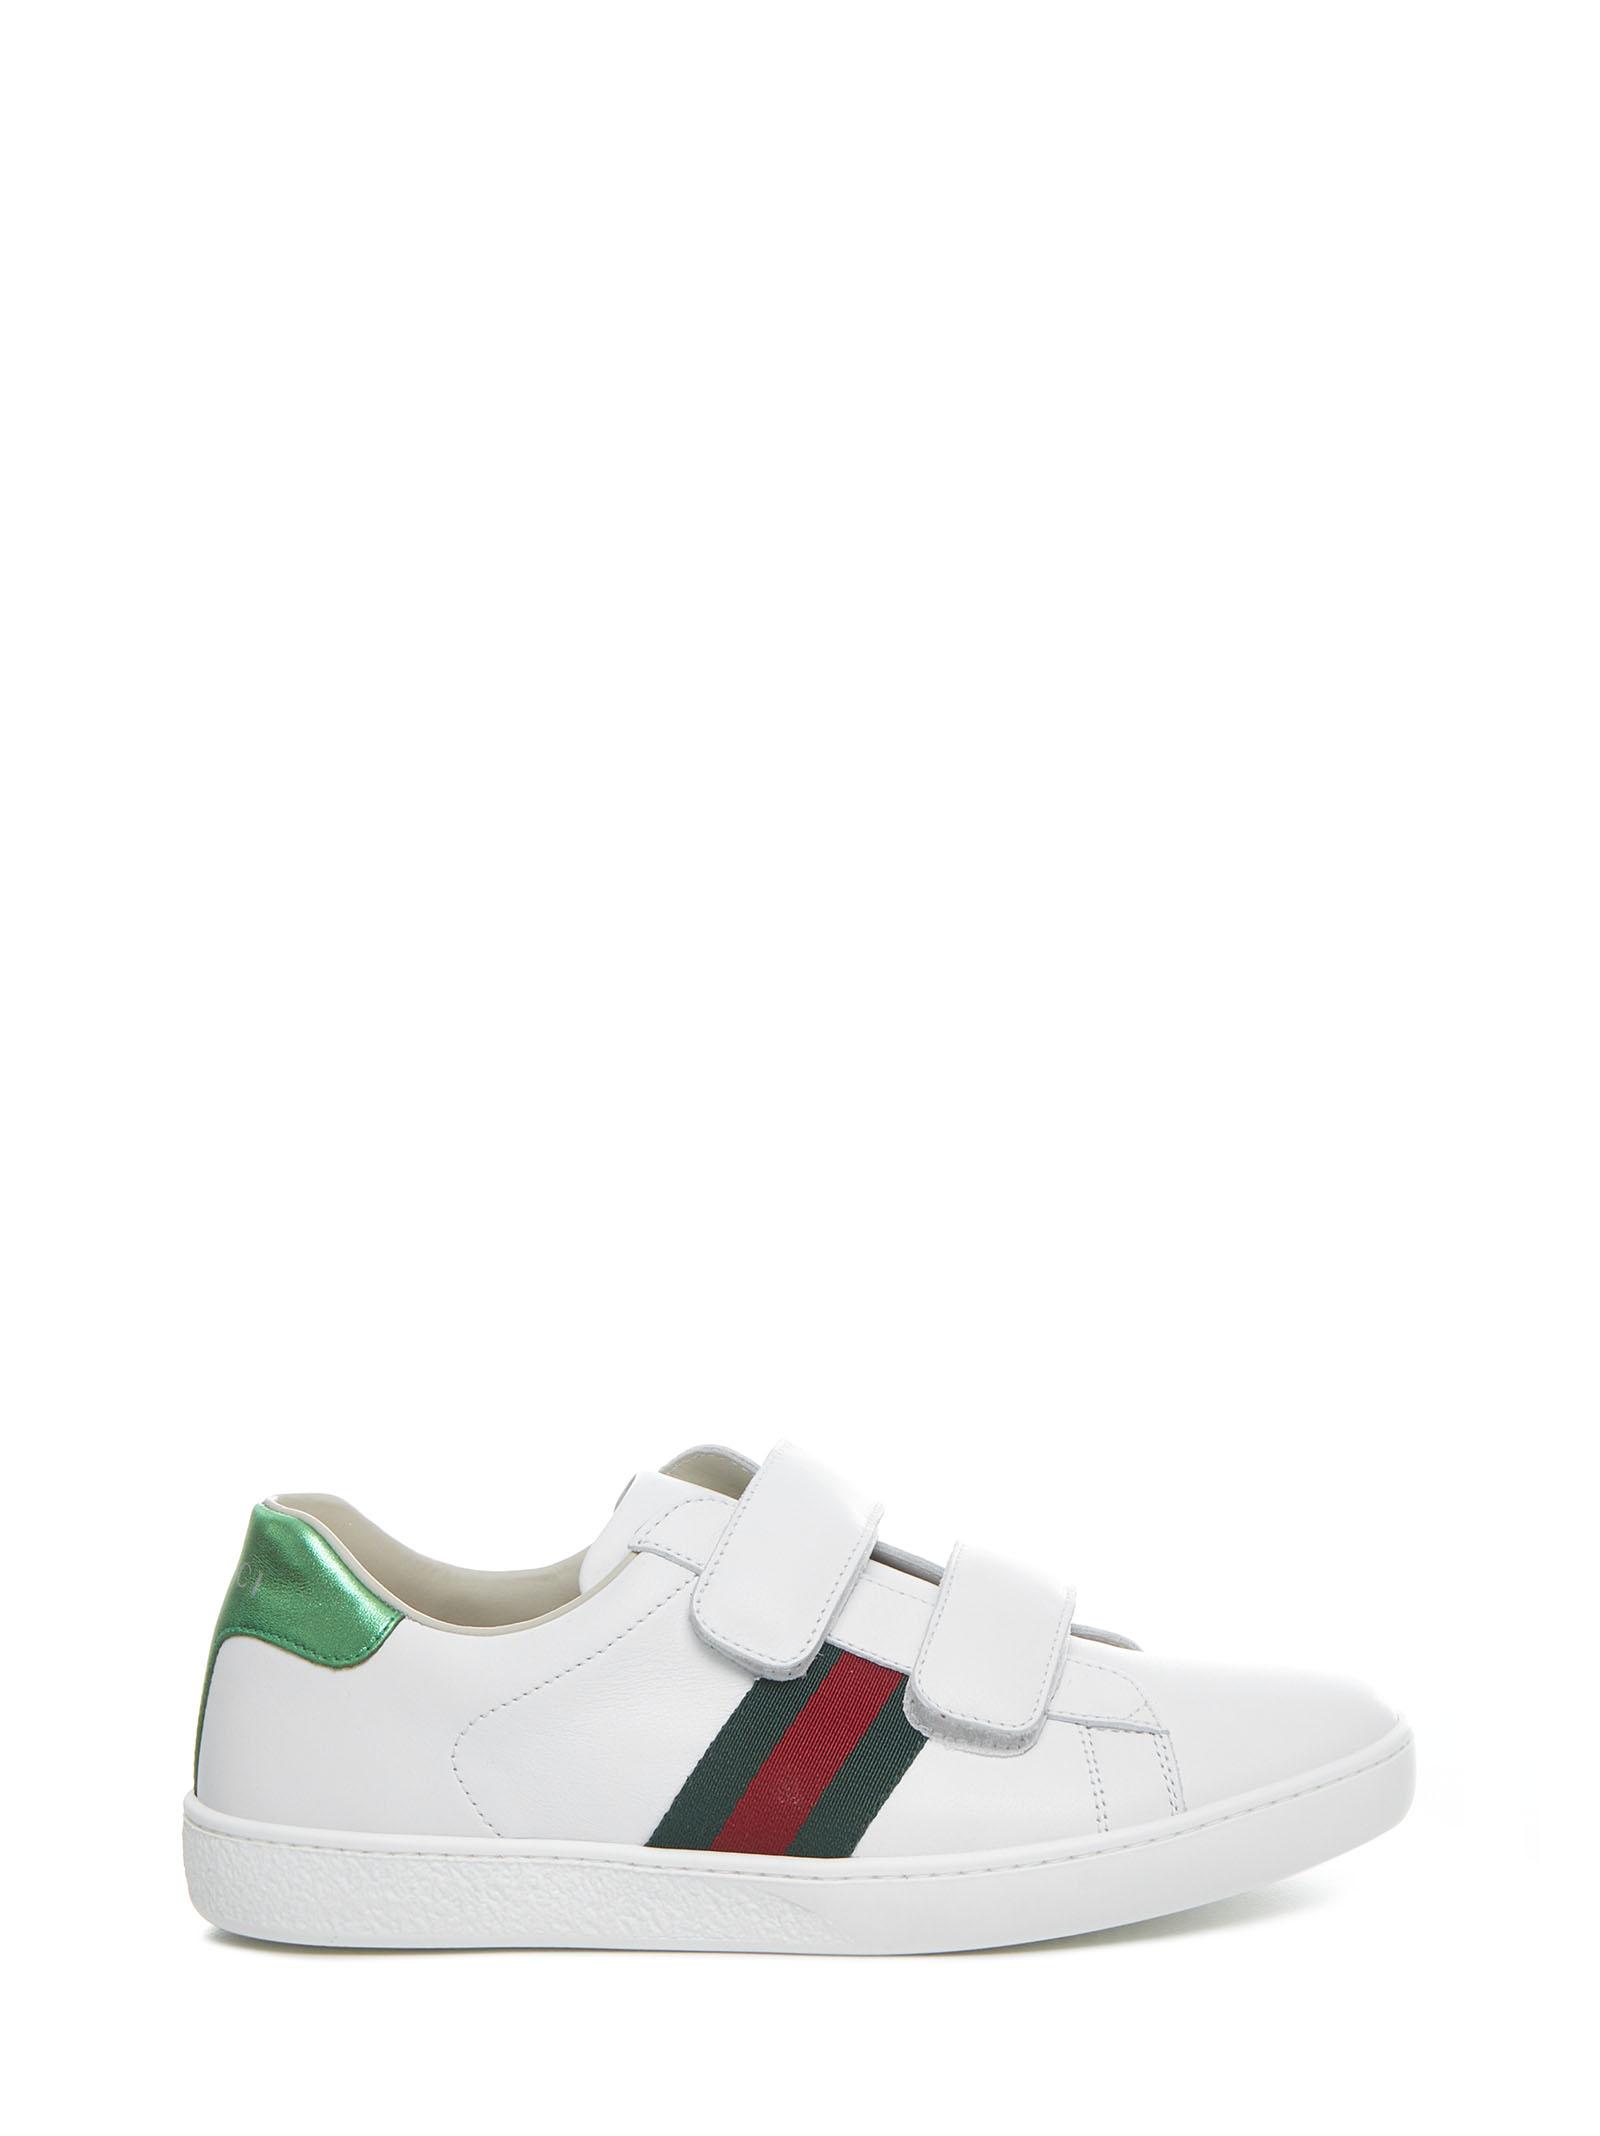 Sneakers Gucci Junior - Gucci Junior